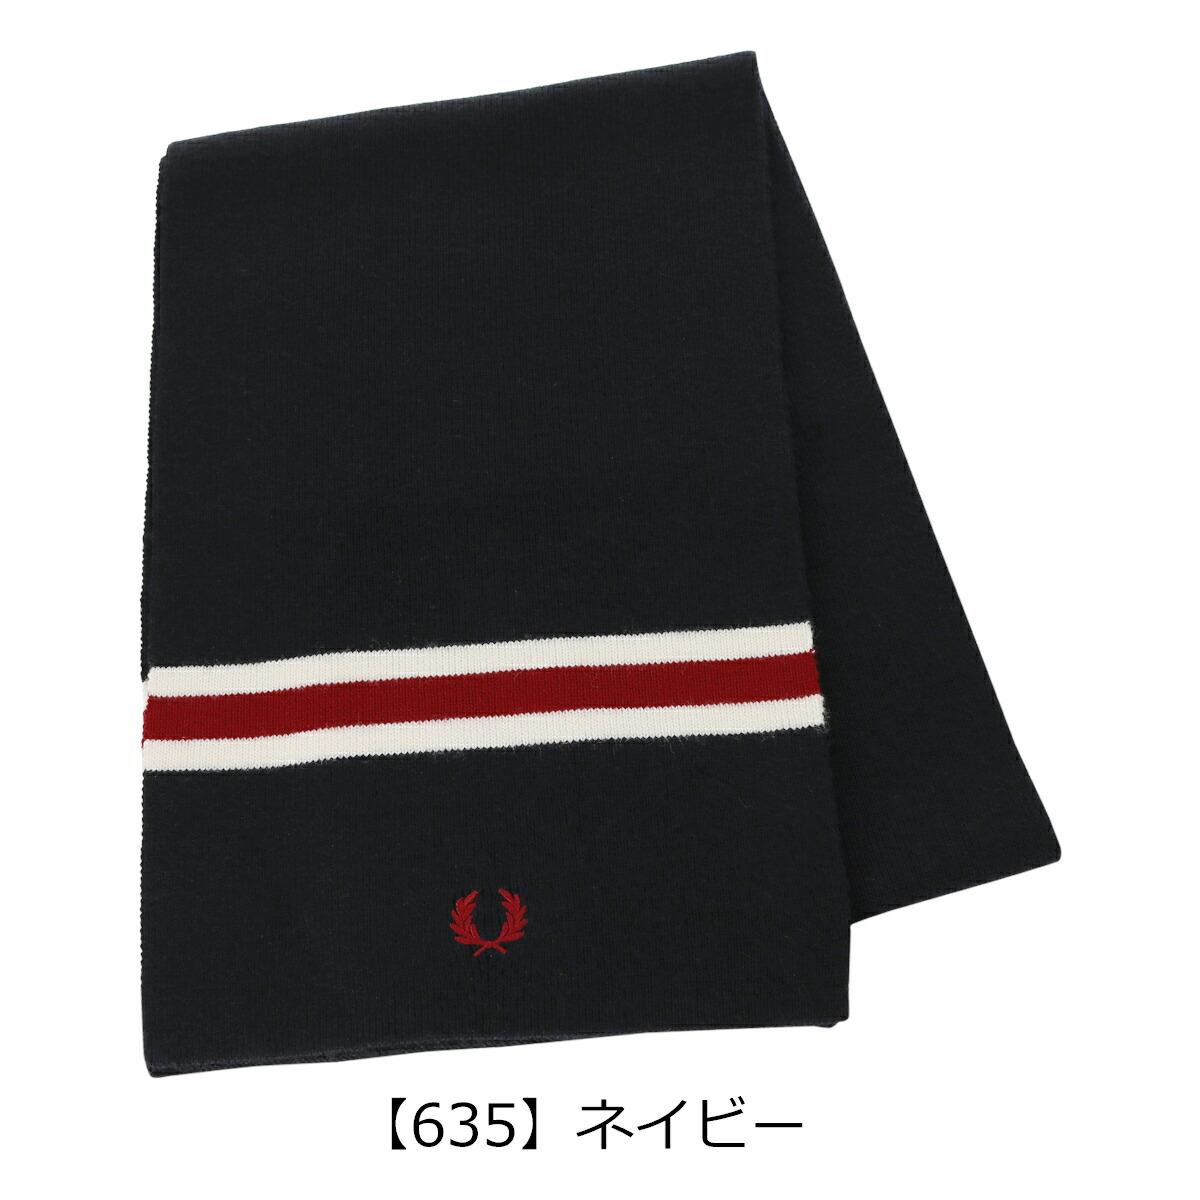 【635】ネイビー